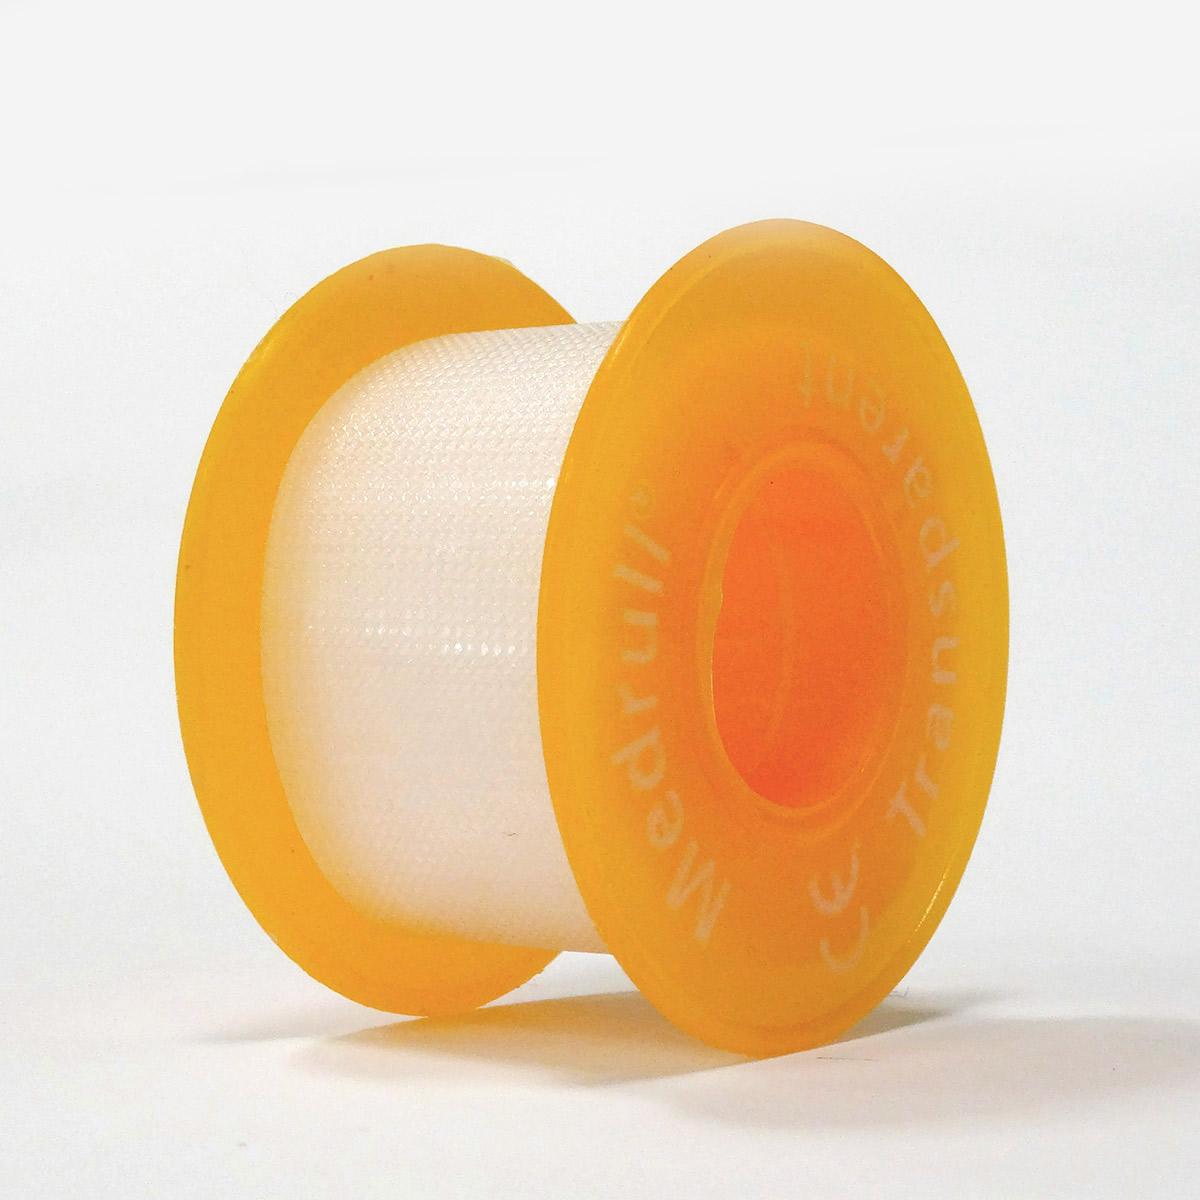 Medrull Лейкопластырь медицинский фиксирующий Transparent, рулонный на полимерной основе, 2,5х500 см4742225005427ПЛАСТЫРЬ В РУЛЛОНЧИКЕ TRANSPARENT/ ПРОЗРАЧНЫЙ Состав Полимерный материал. Структура материала Перфорированый полимерный материал на цинк – оксидной основе. Размер 2.5cм x 500cм